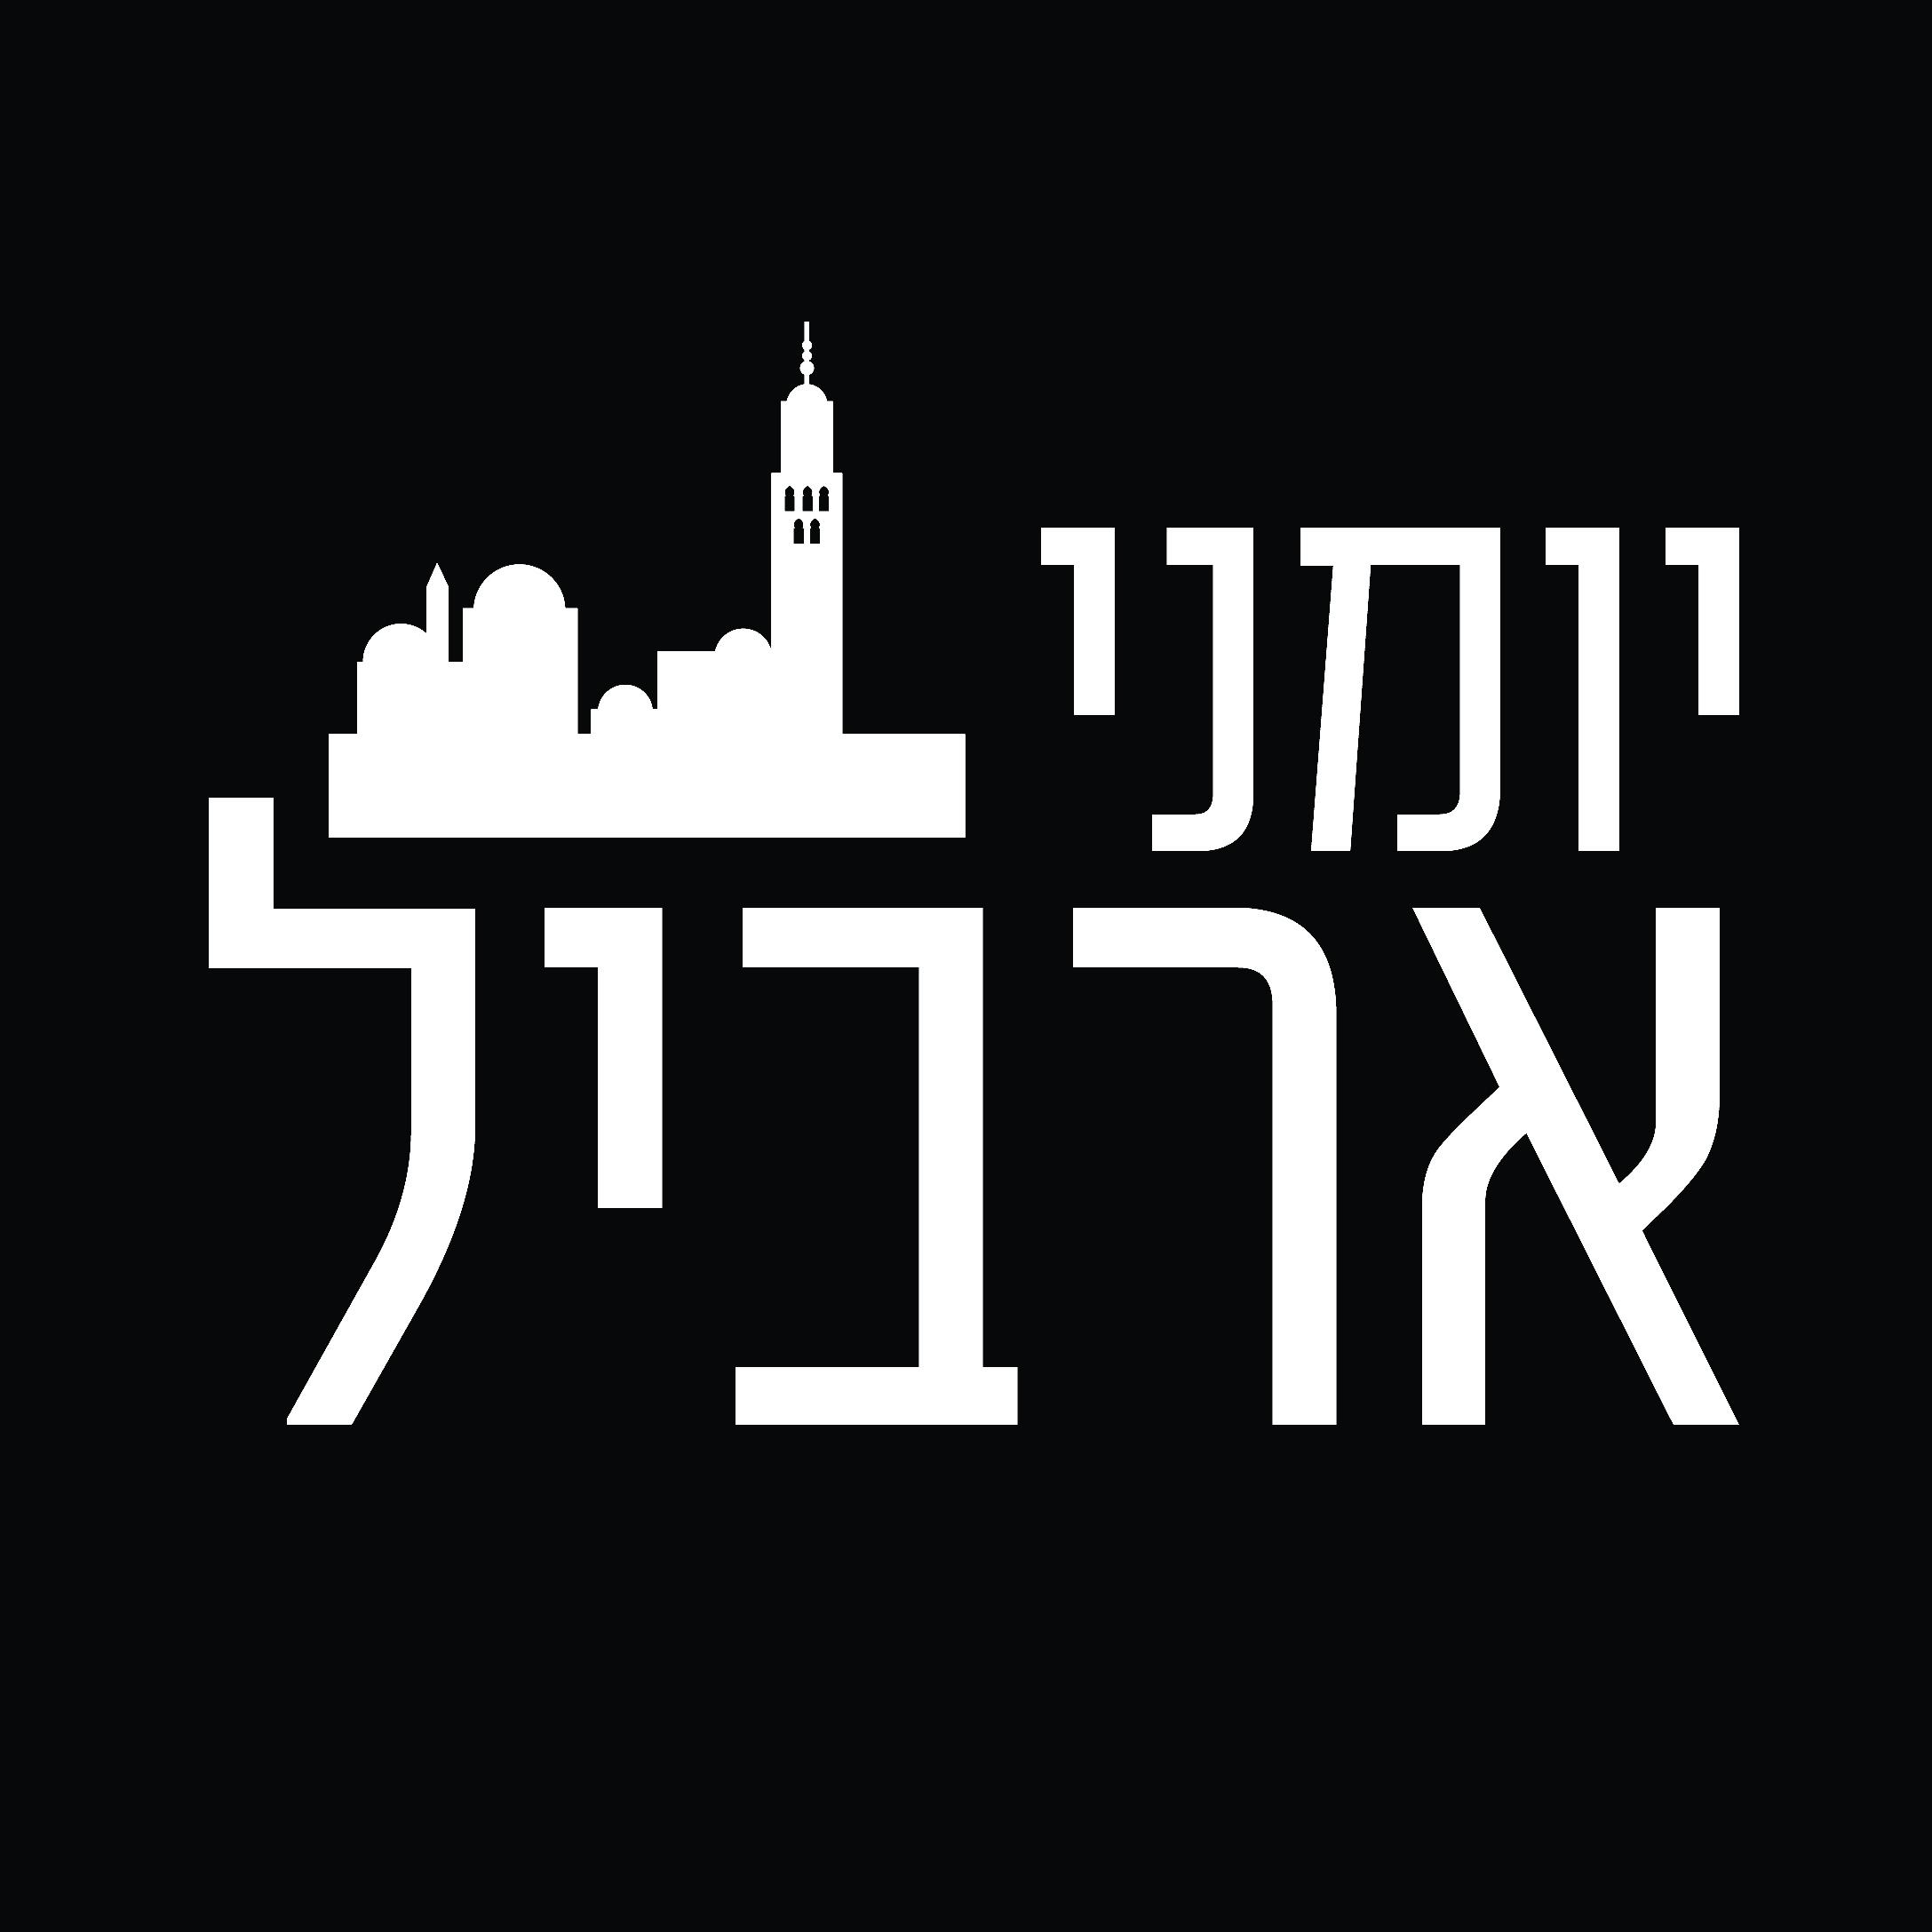 logo-05 copy.jpg